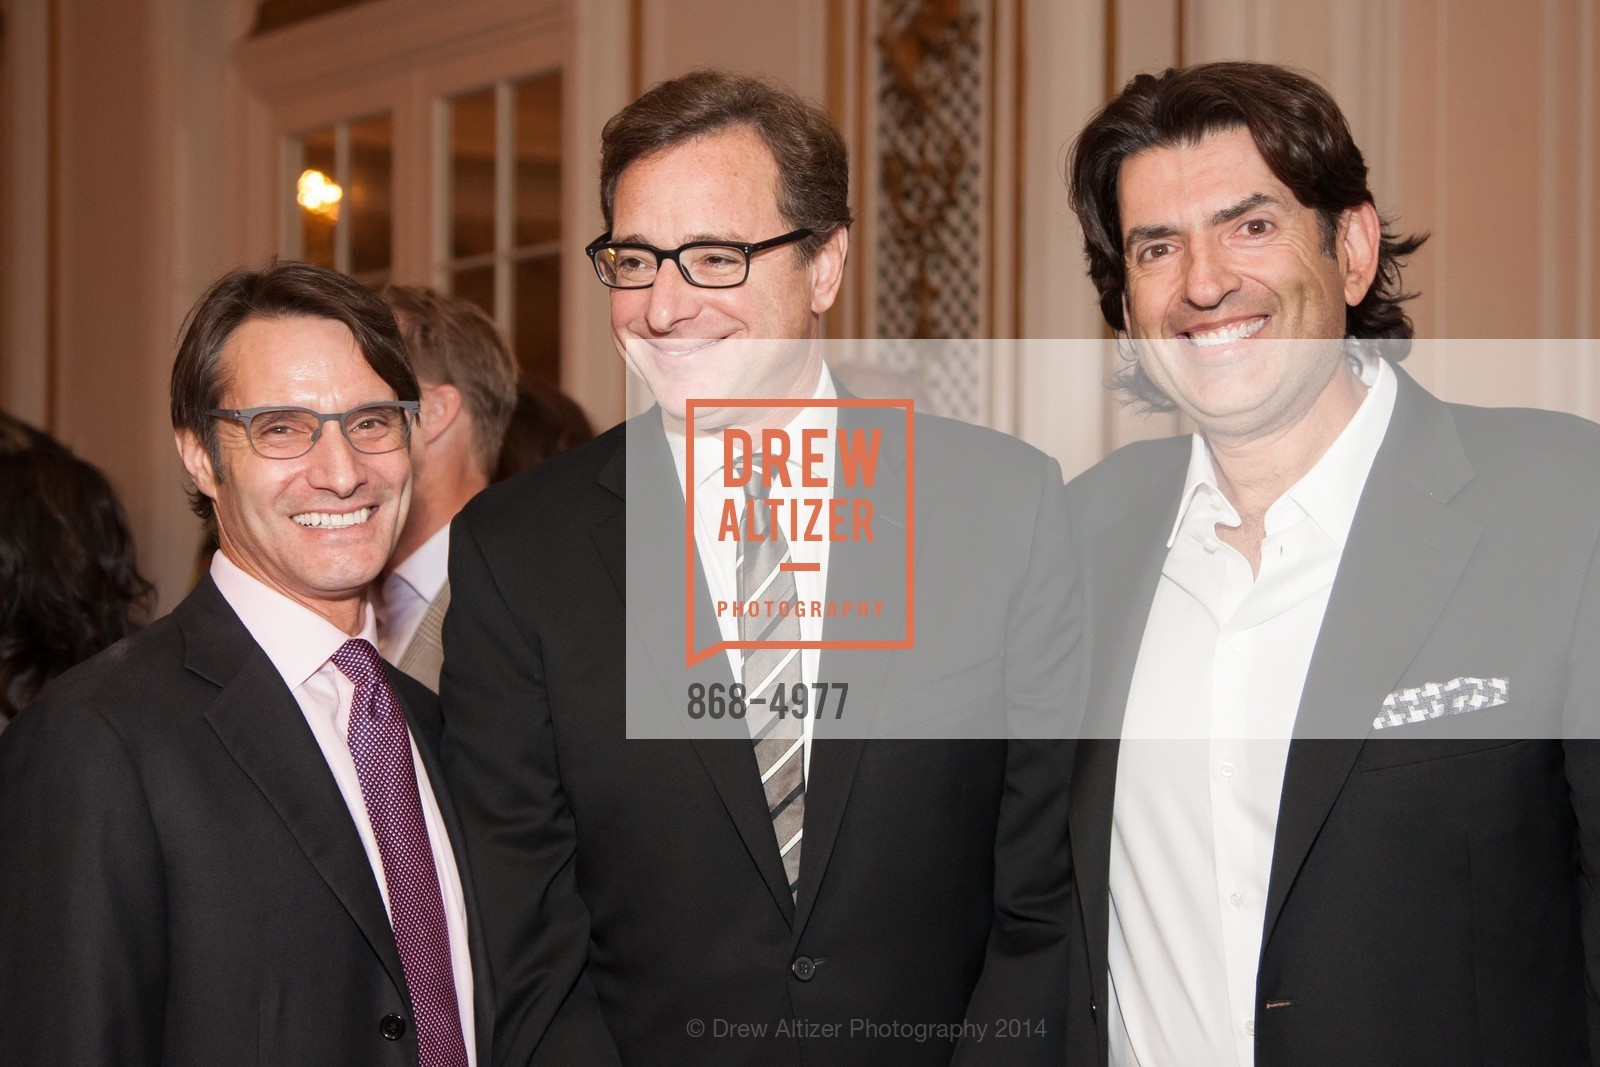 Luke Evnin, Bob Saget, Saville Kellner, Photo #868-4977